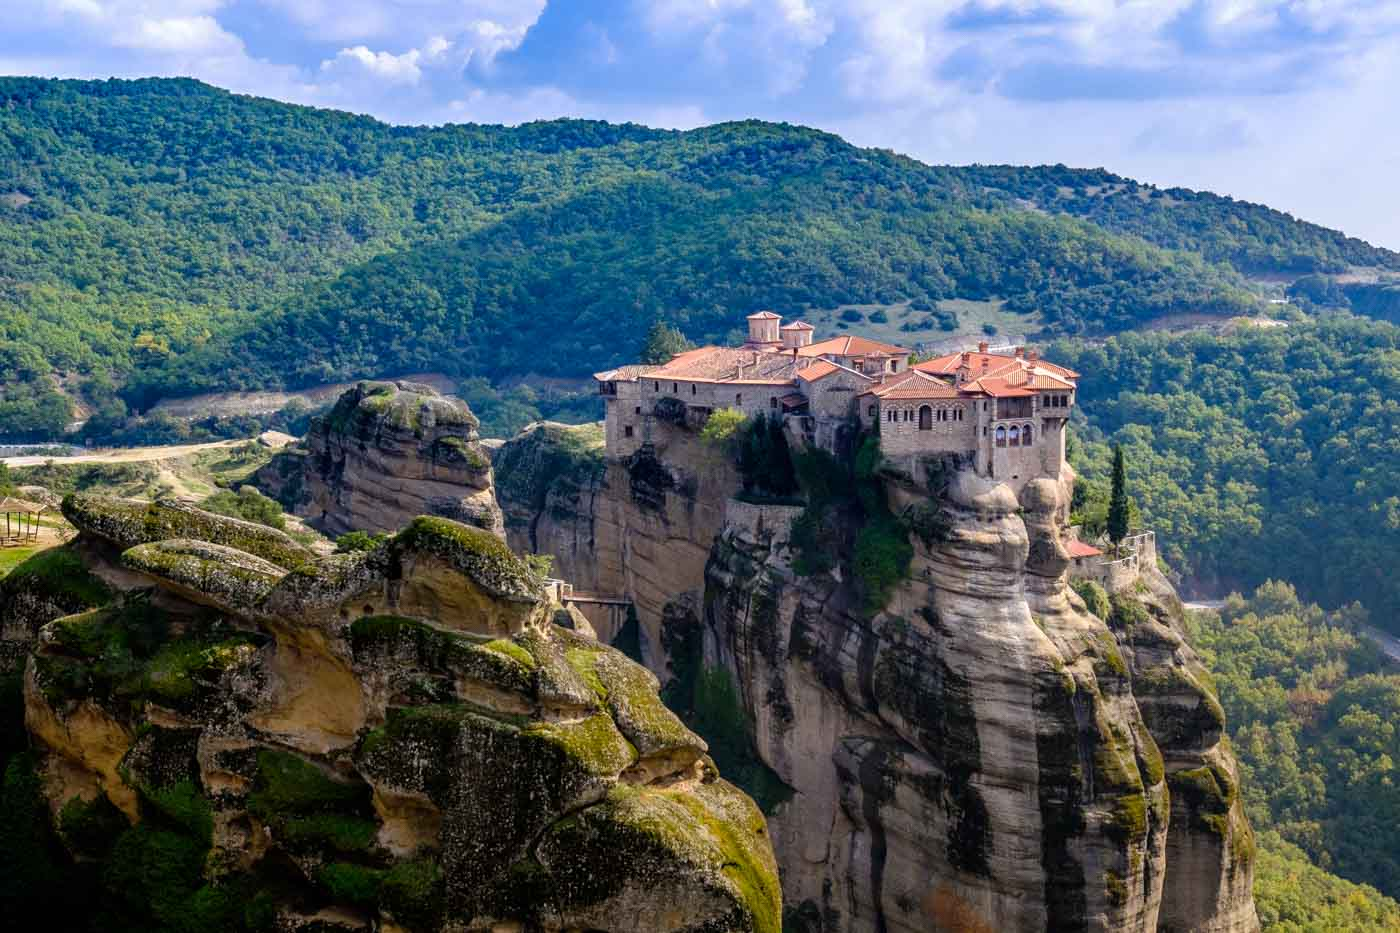 טיולים ואטרקציות בצפון יוון